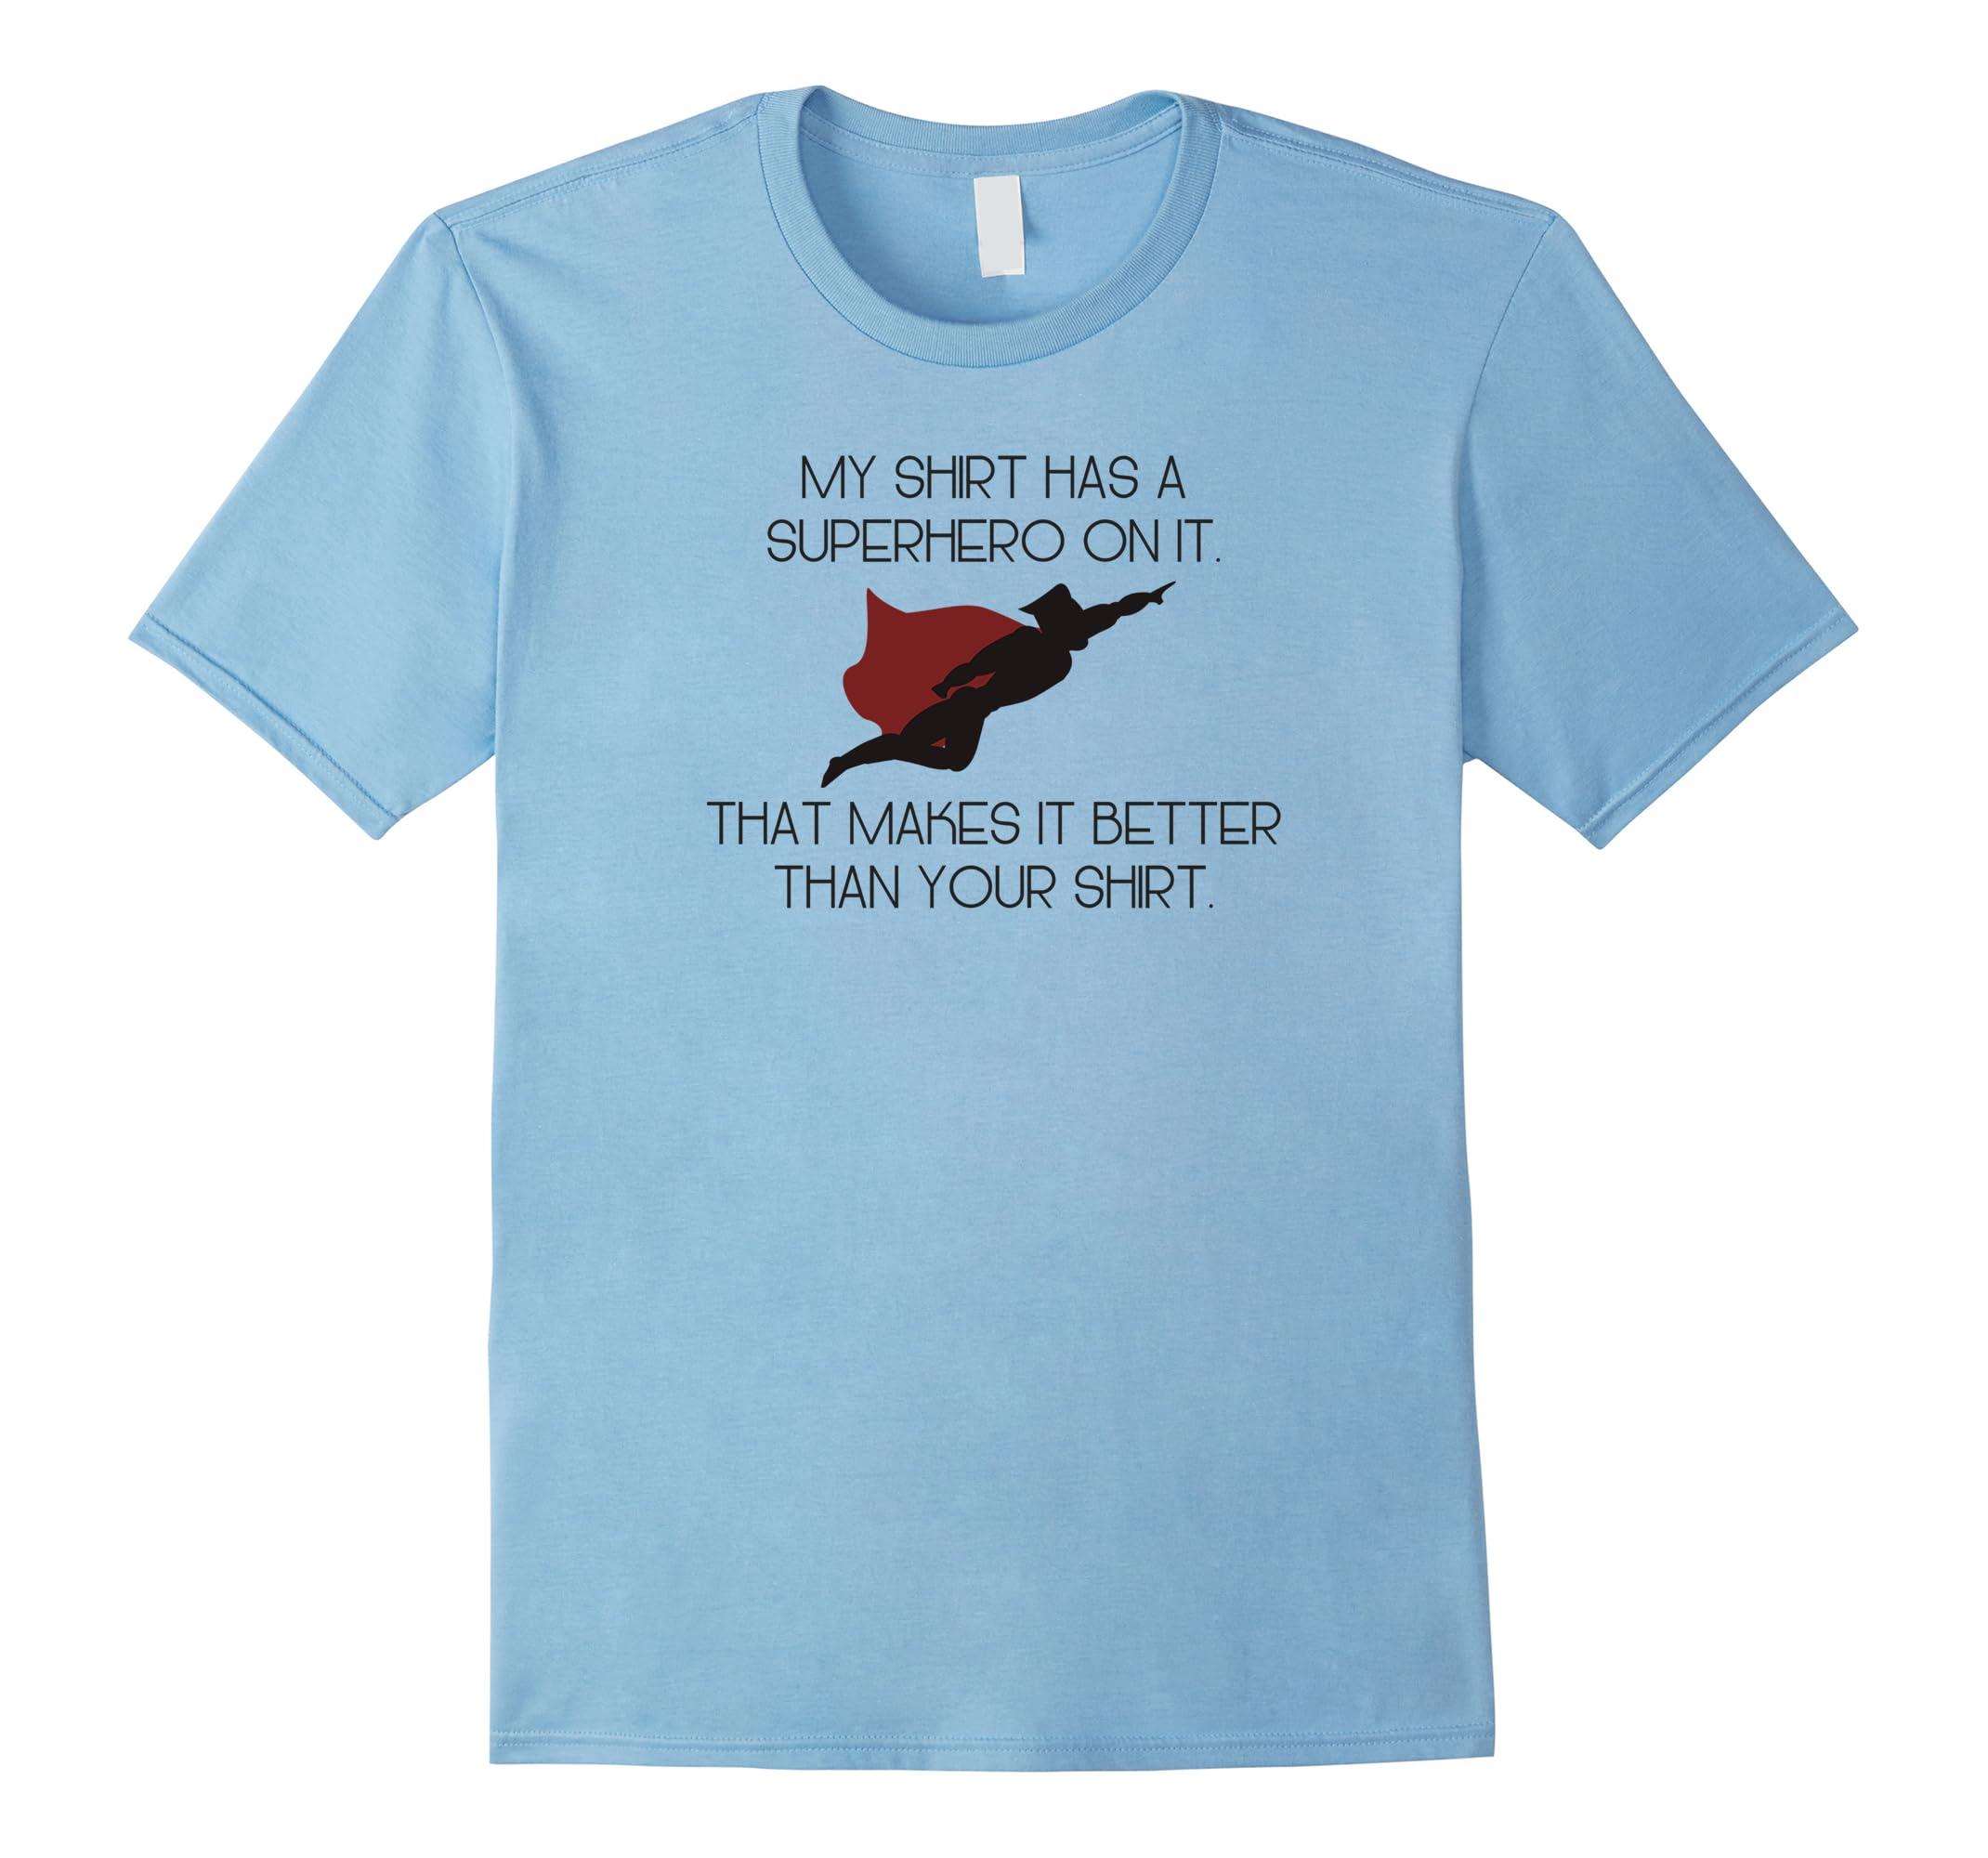 Superhero Shirt Apparel Gifts-Samdetee